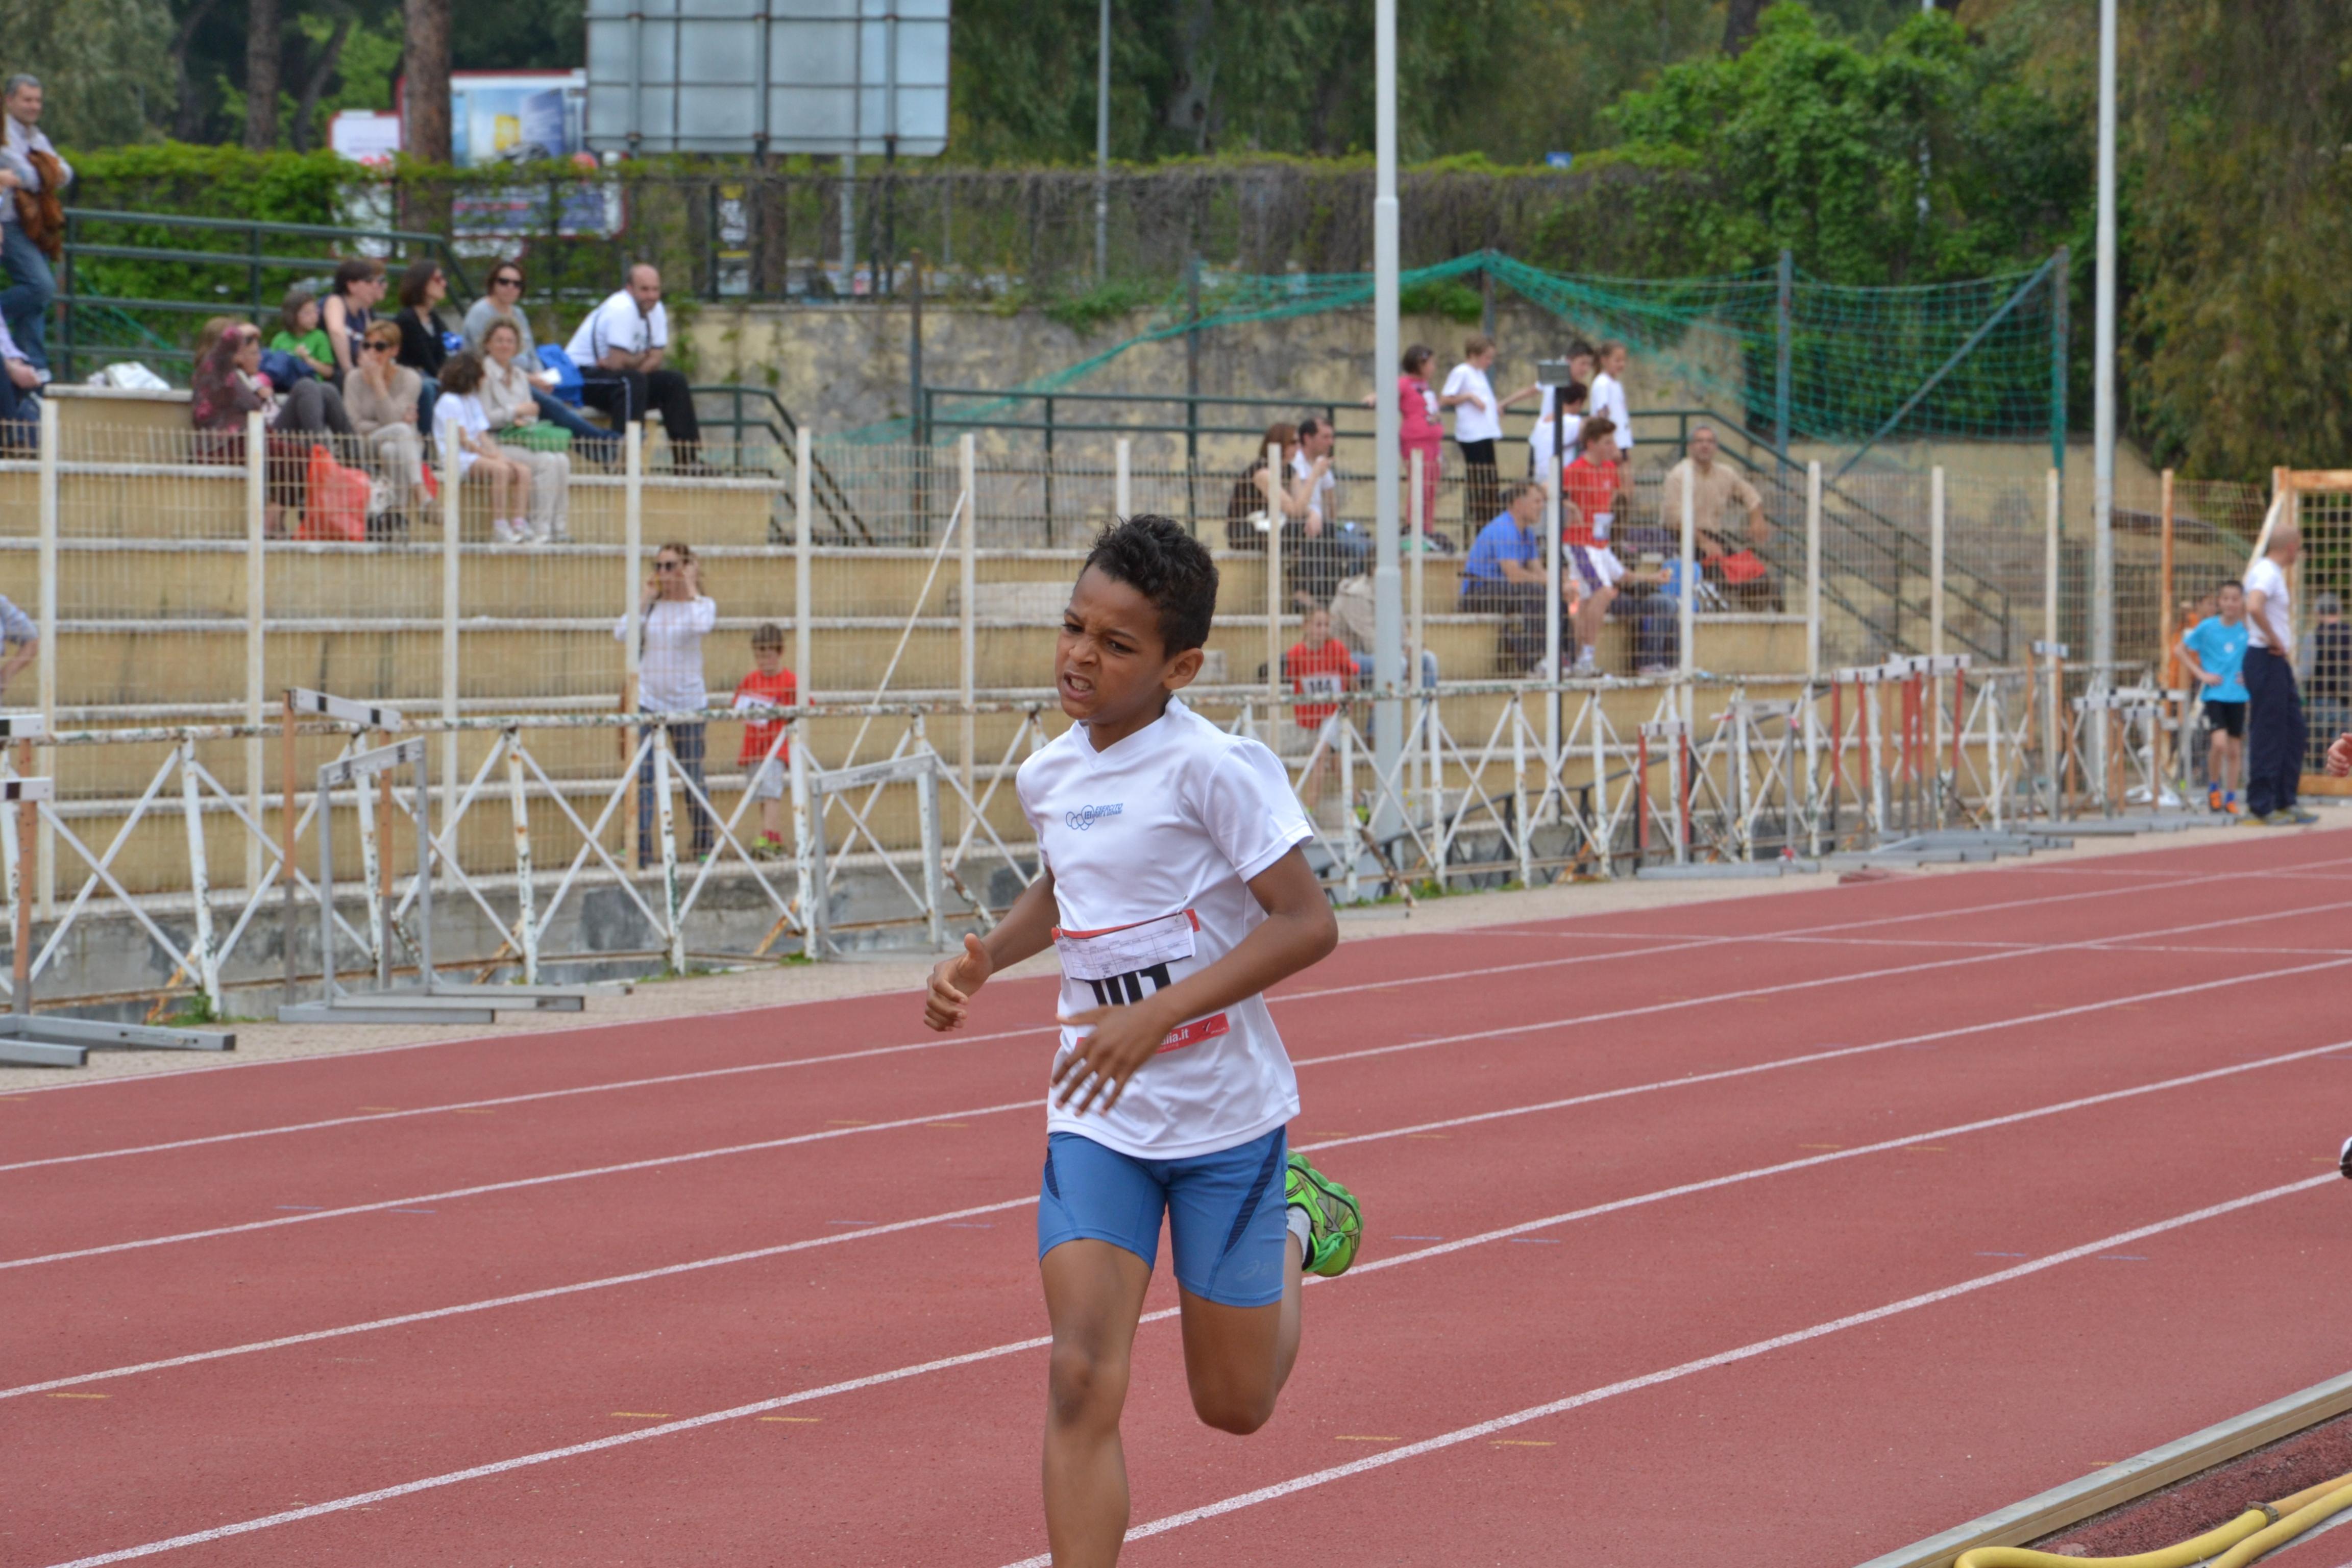 atletica-la-farnesina-liberazione-243